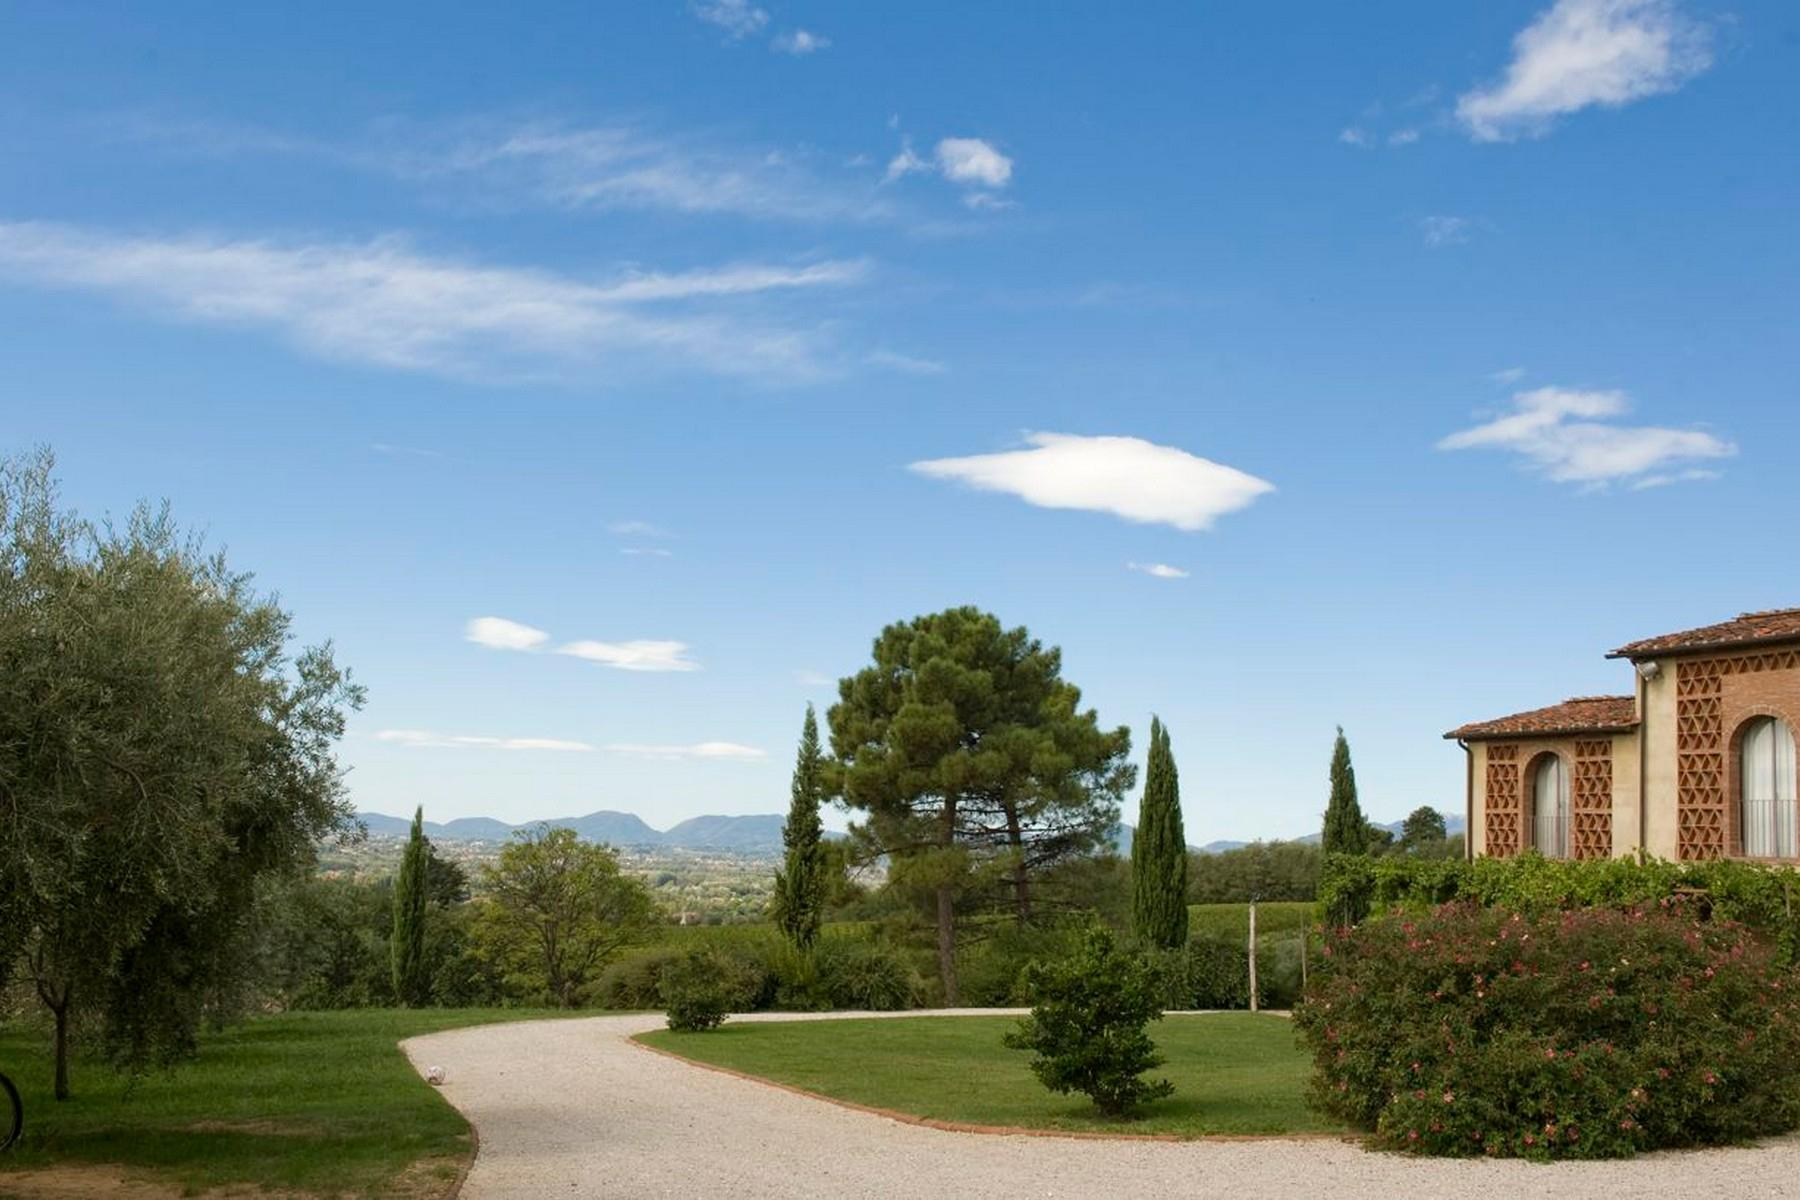 Fantastique maison de campagne avec lac privé sur les collines  de Lucca - 1